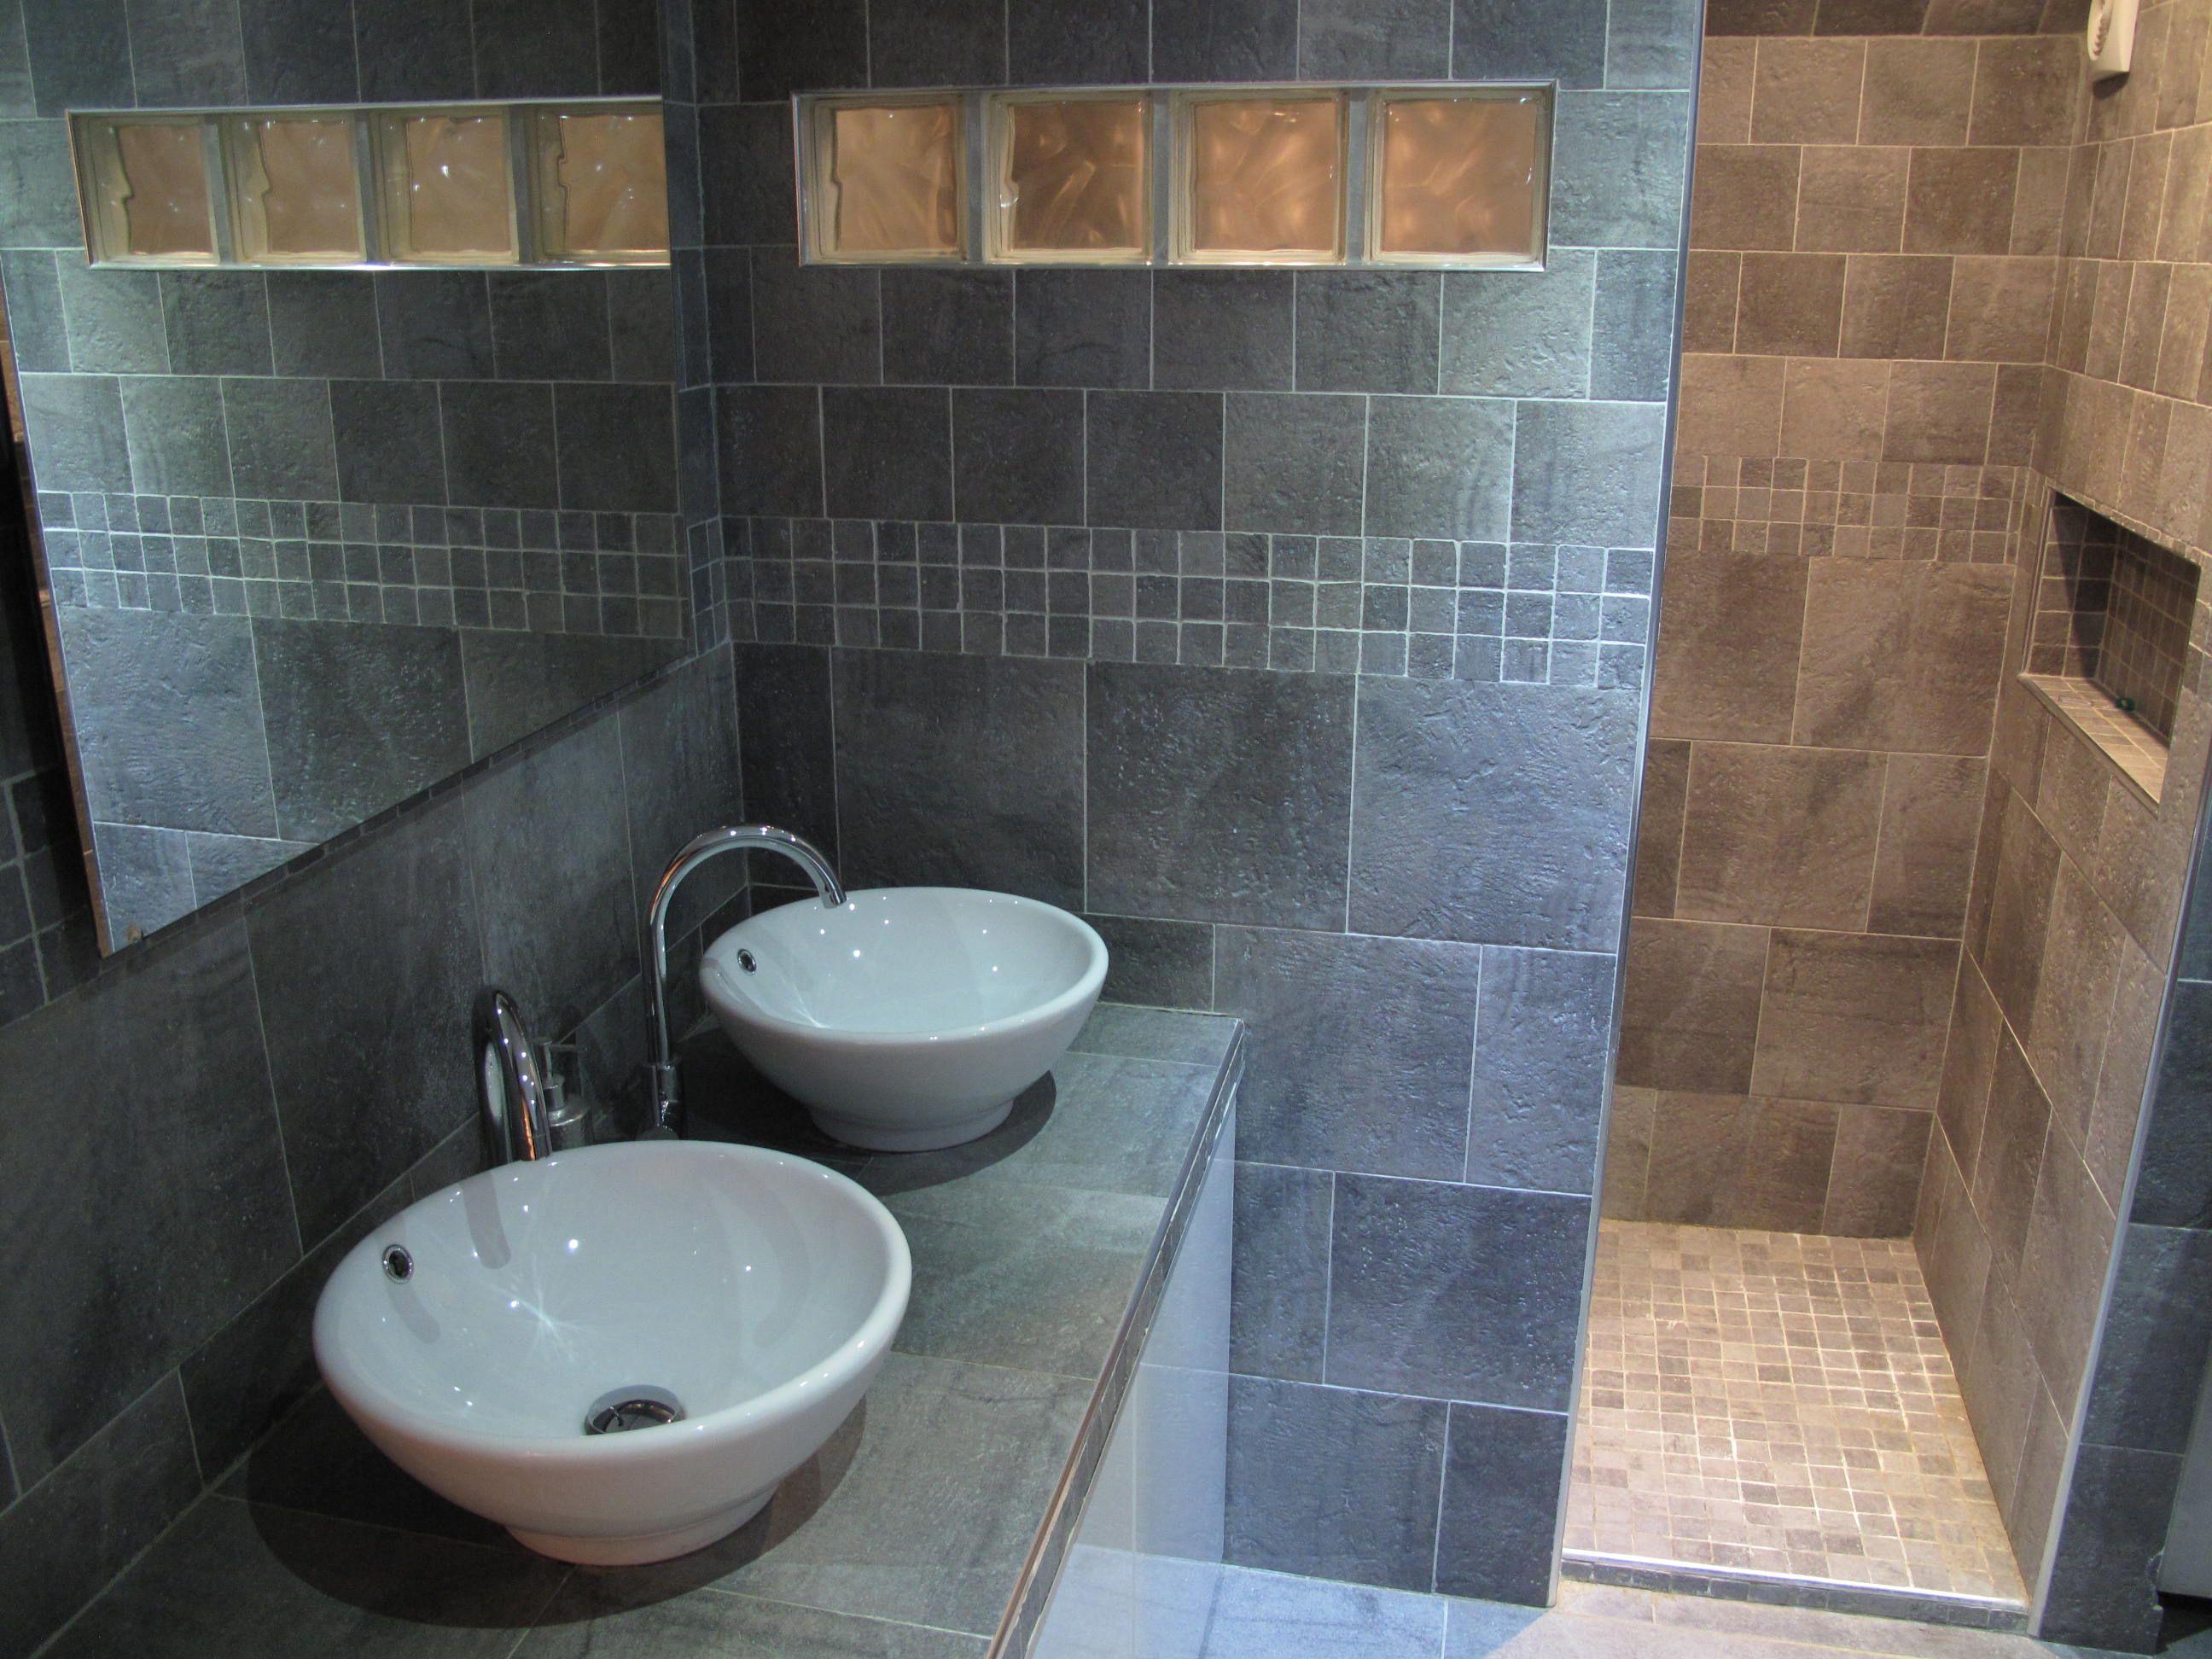 12 awesome plan vasque salle de bain a carreler images | maison ... - Carreler Une Salle De Bain